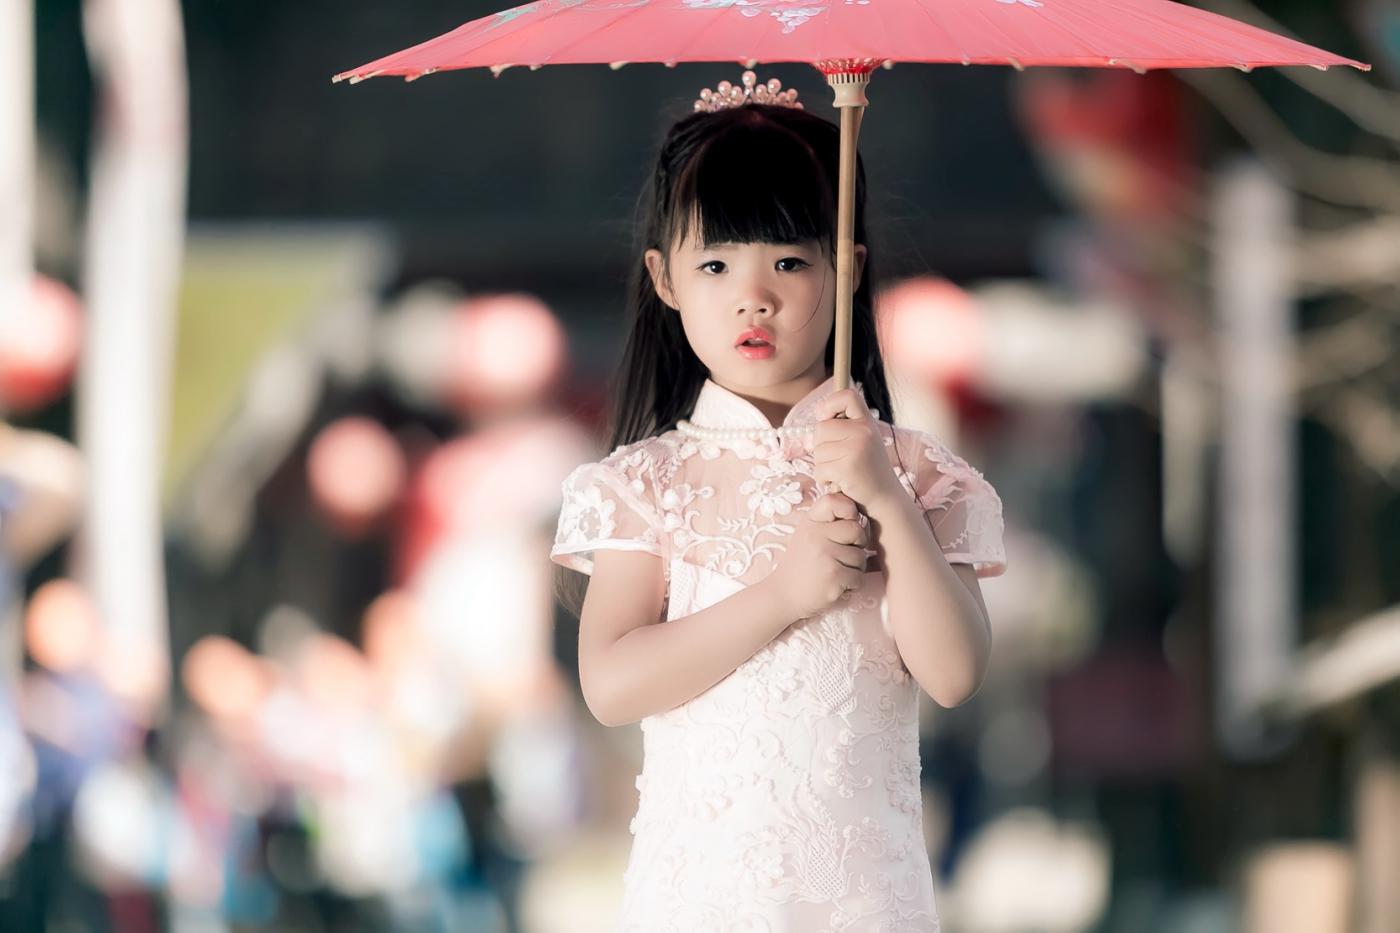 沂蒙娃娃穿上礼服走上show台 有个女孩特别萌 礼仪就要从娃娃抓起 ..._图1-22